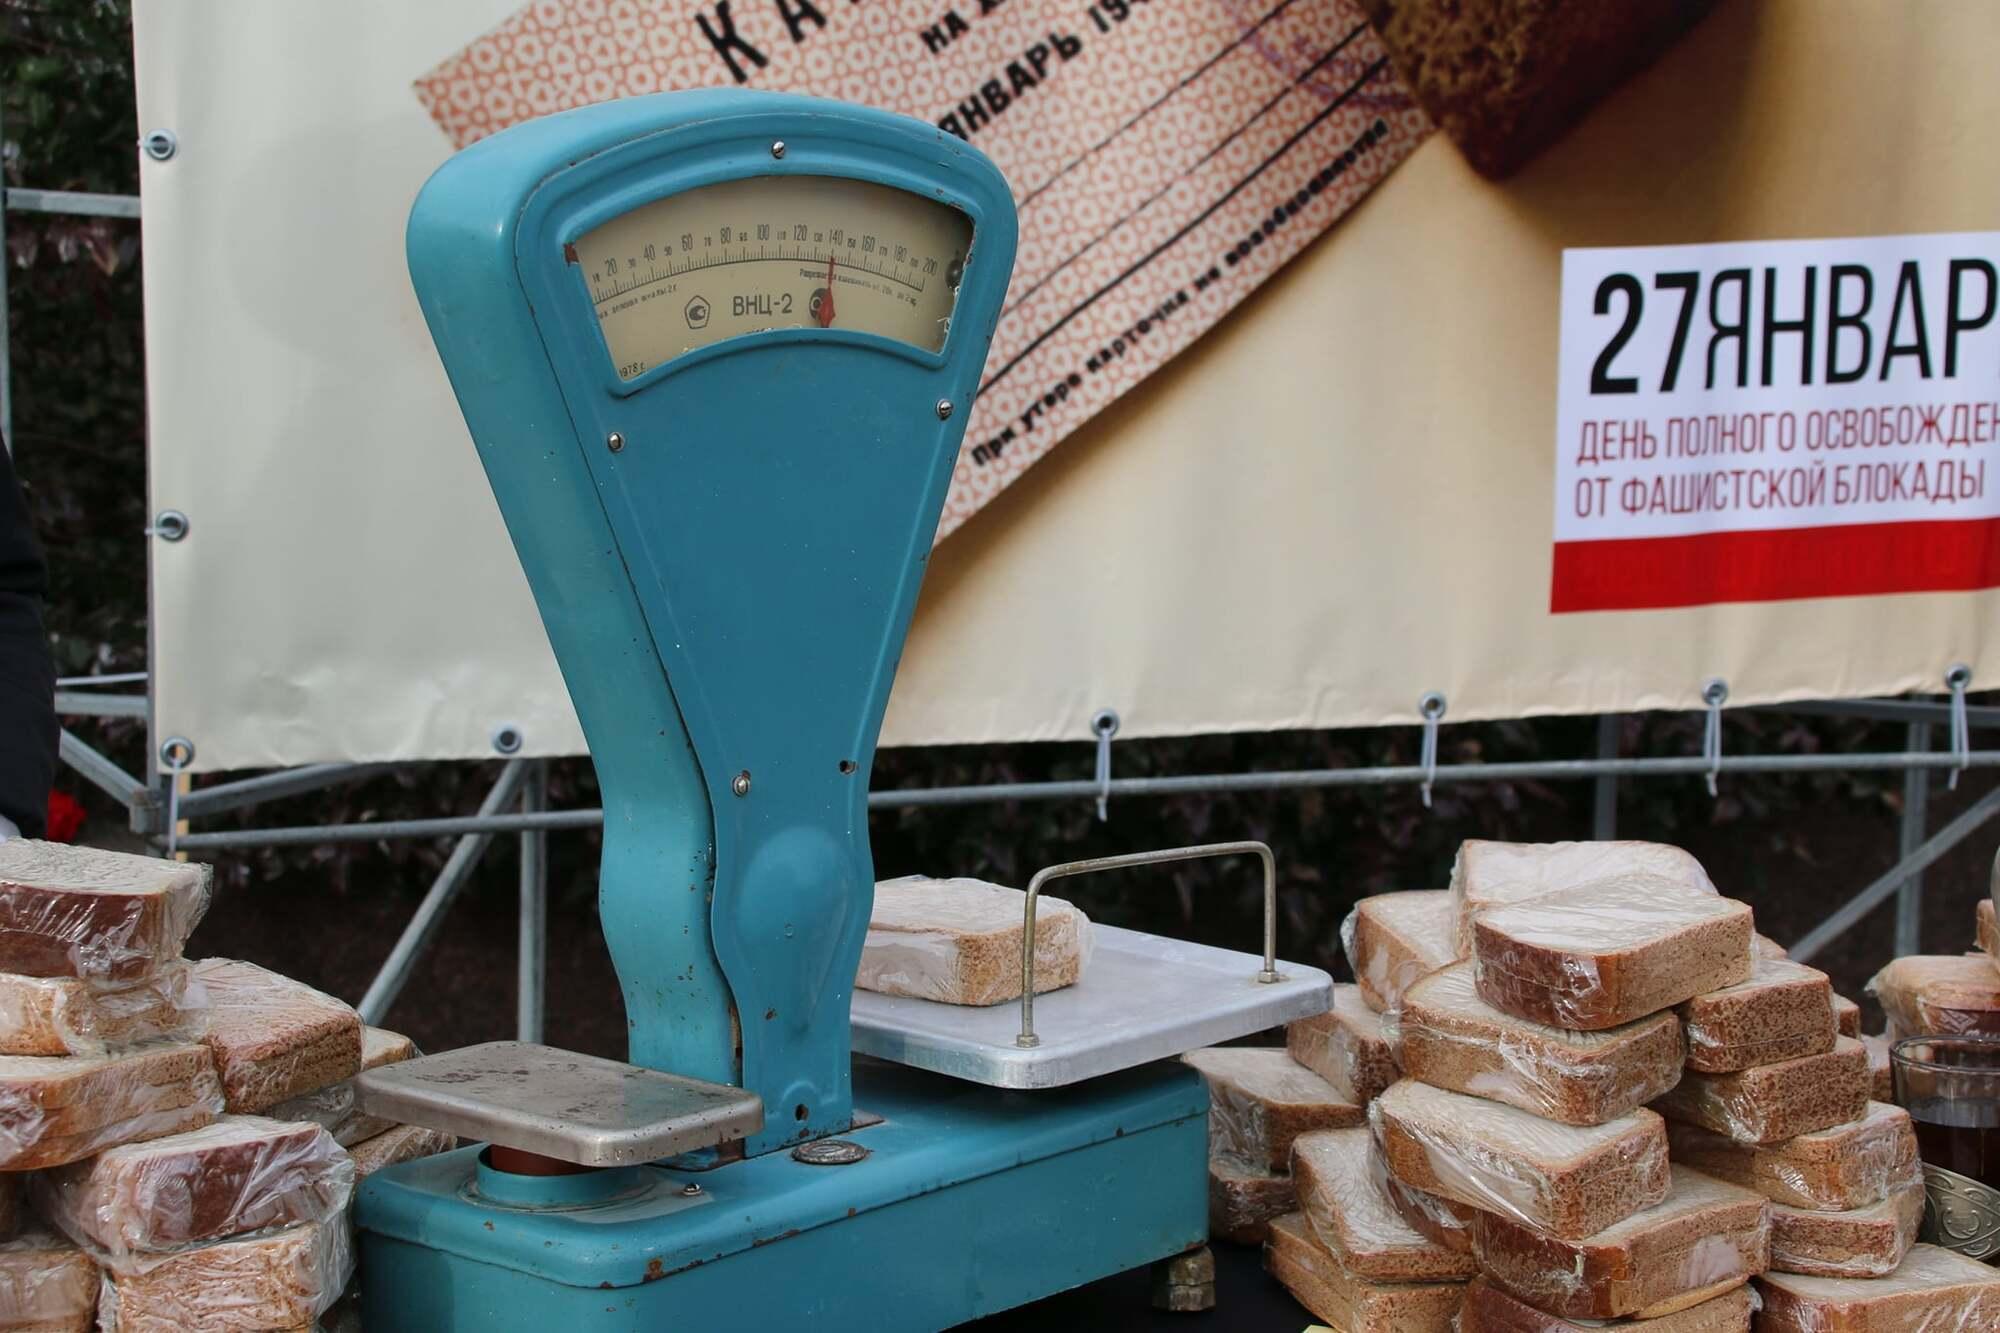 На стіл із хлібом окупанти поставили старі ваги